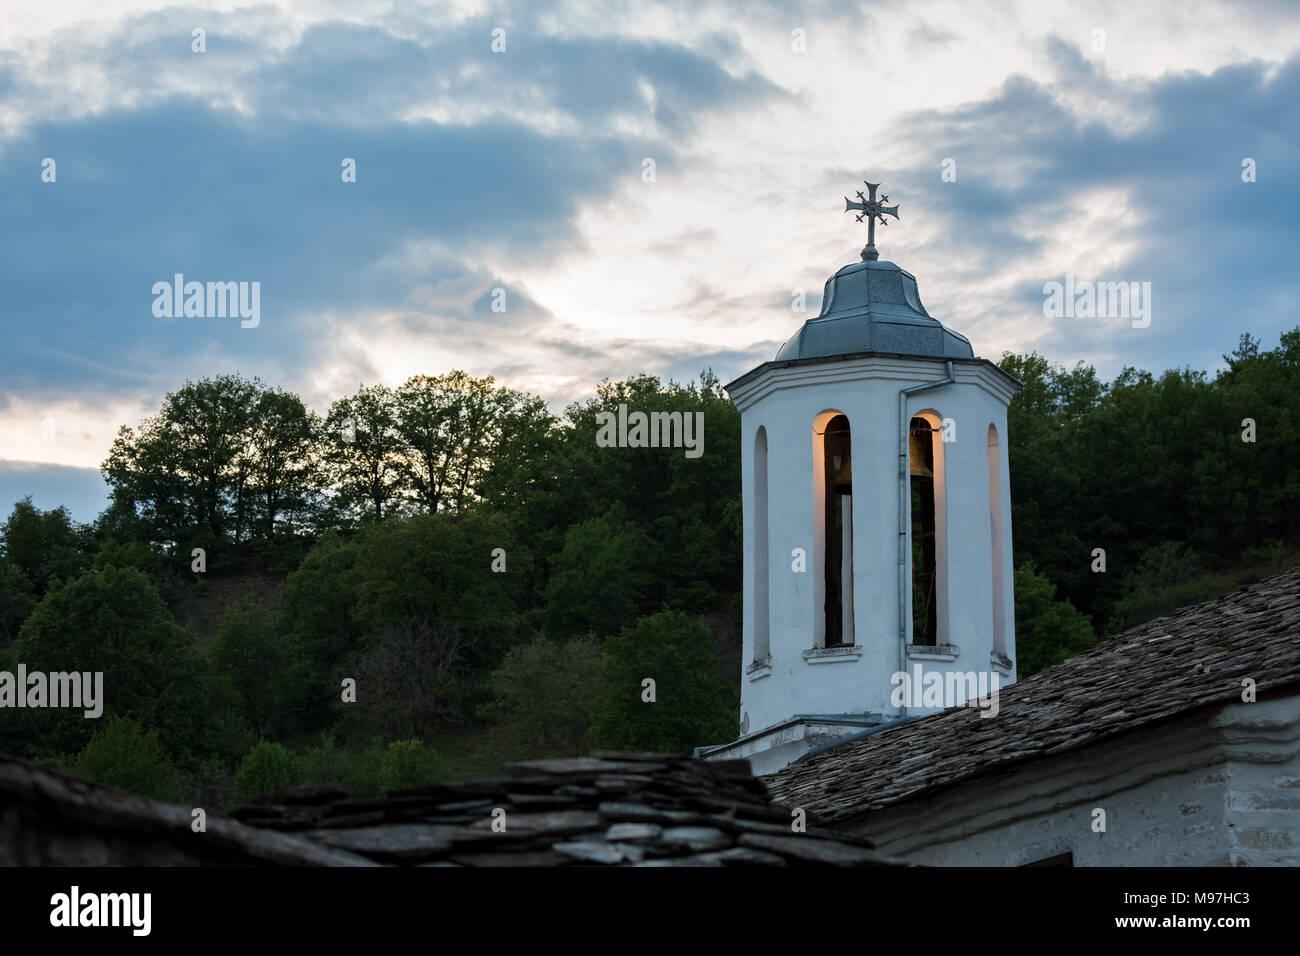 La cúpula iluminada de la iglesia ortodoxa, con decorado Cruz y campana de bronce al atardecer, la aldea de dolen, Montañas Rhodope, Bulgaria con fondo de cielo nublado Foto de stock